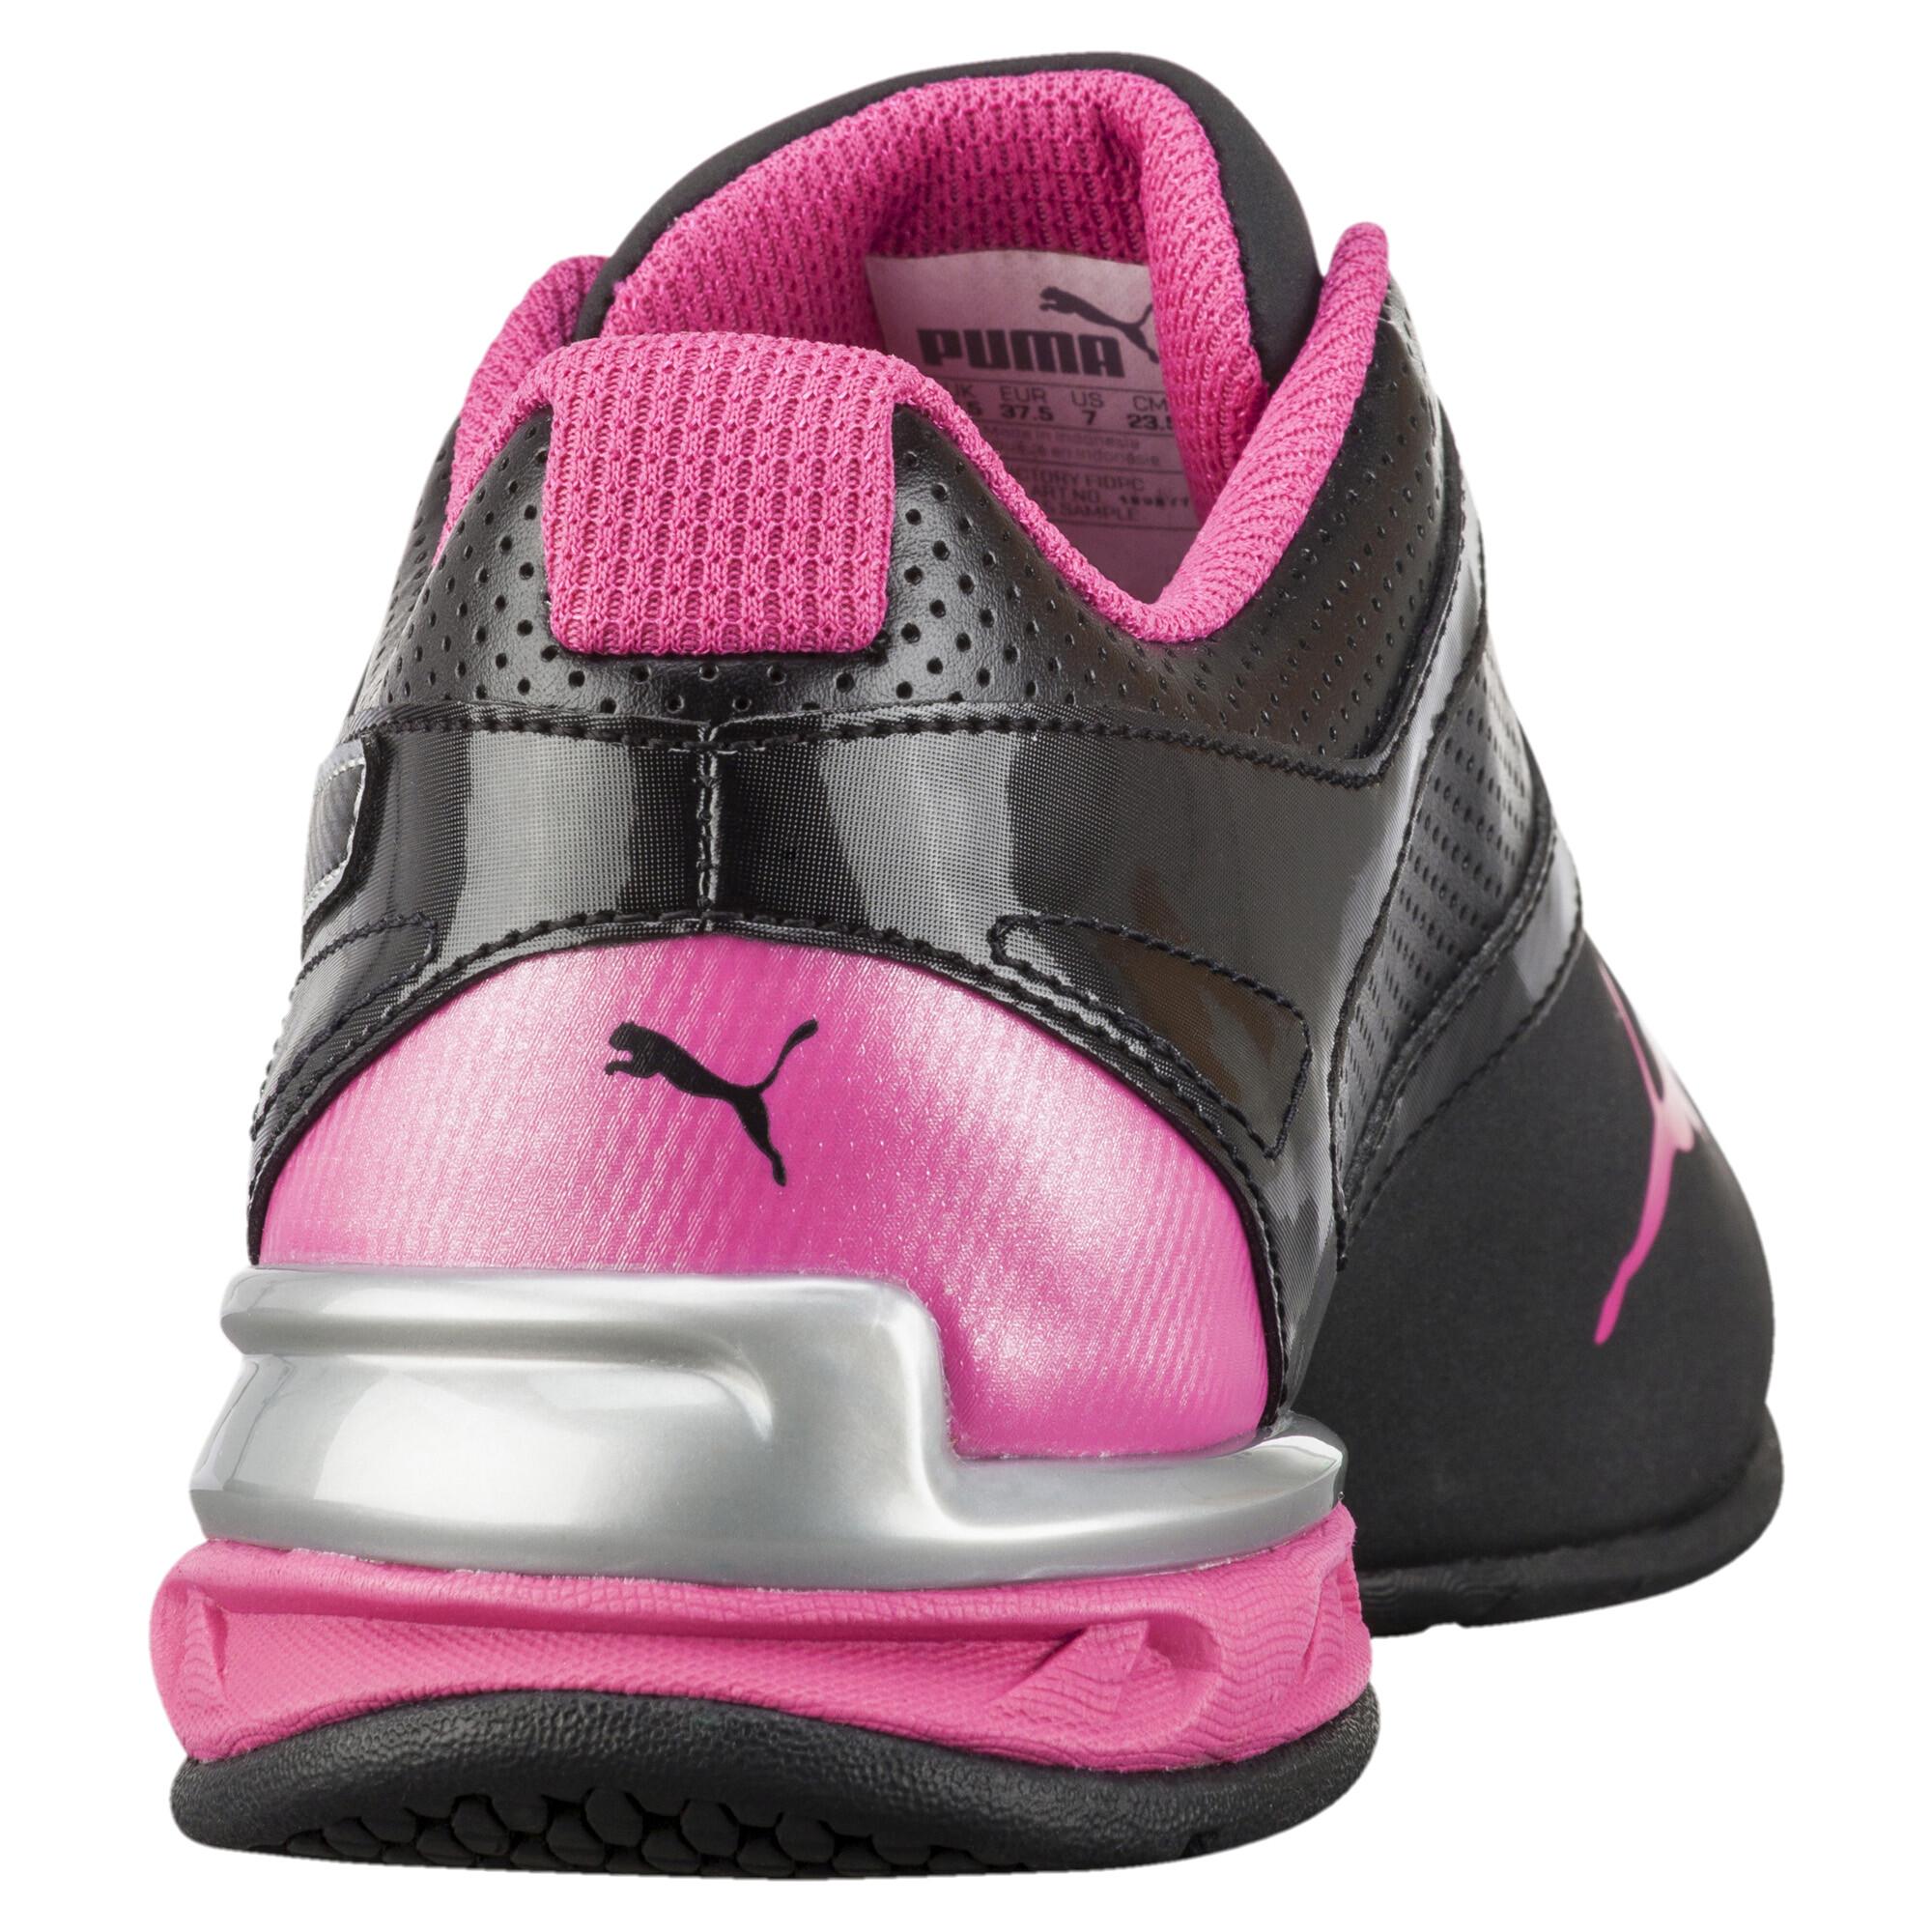 PUMA-Tazon-6-FM-Women-039-s-Sneakers-Women-Shoe-Running thumbnail 11